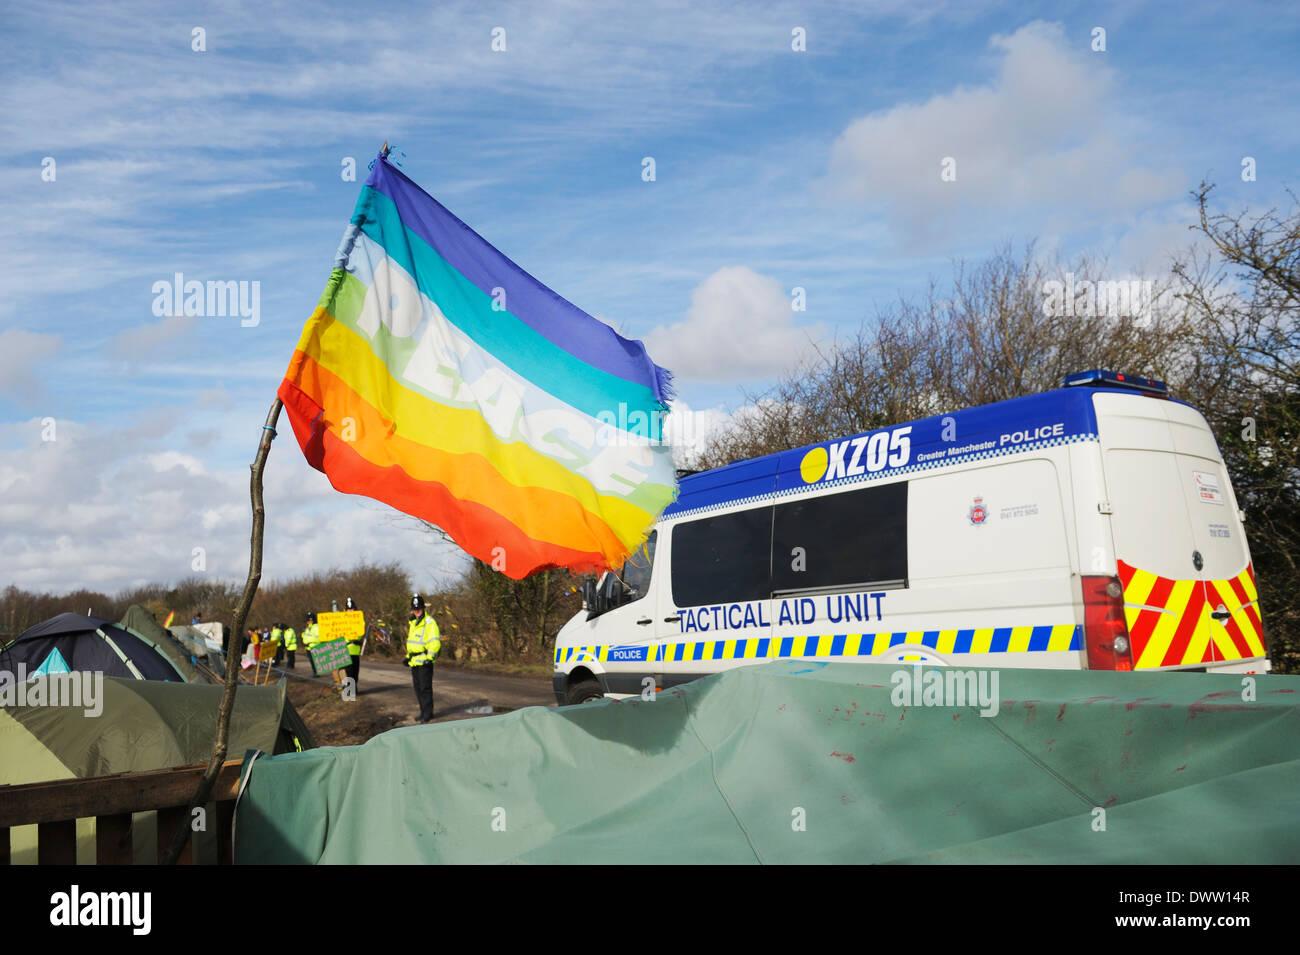 Taktische Hilfe Fahrzeug vorbeifahren ein Frieden Flagge als es führt Fahrzeuge und Demonstranten der iGas Website zu bohren. Stockbild